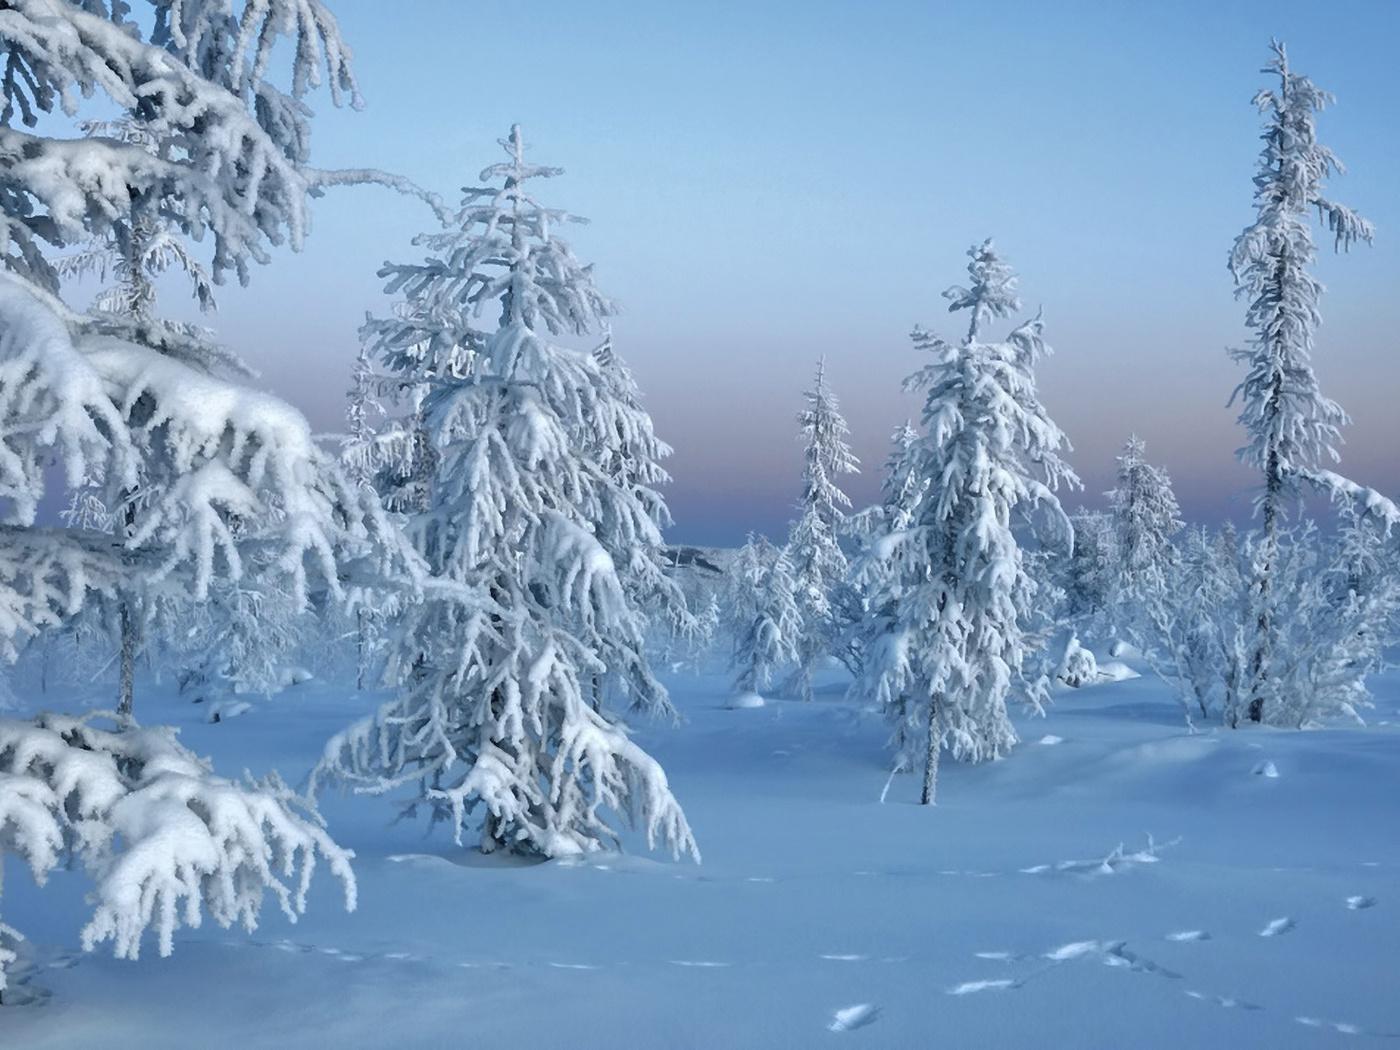 снег, лес, trees in snow, Зима, природа, winter